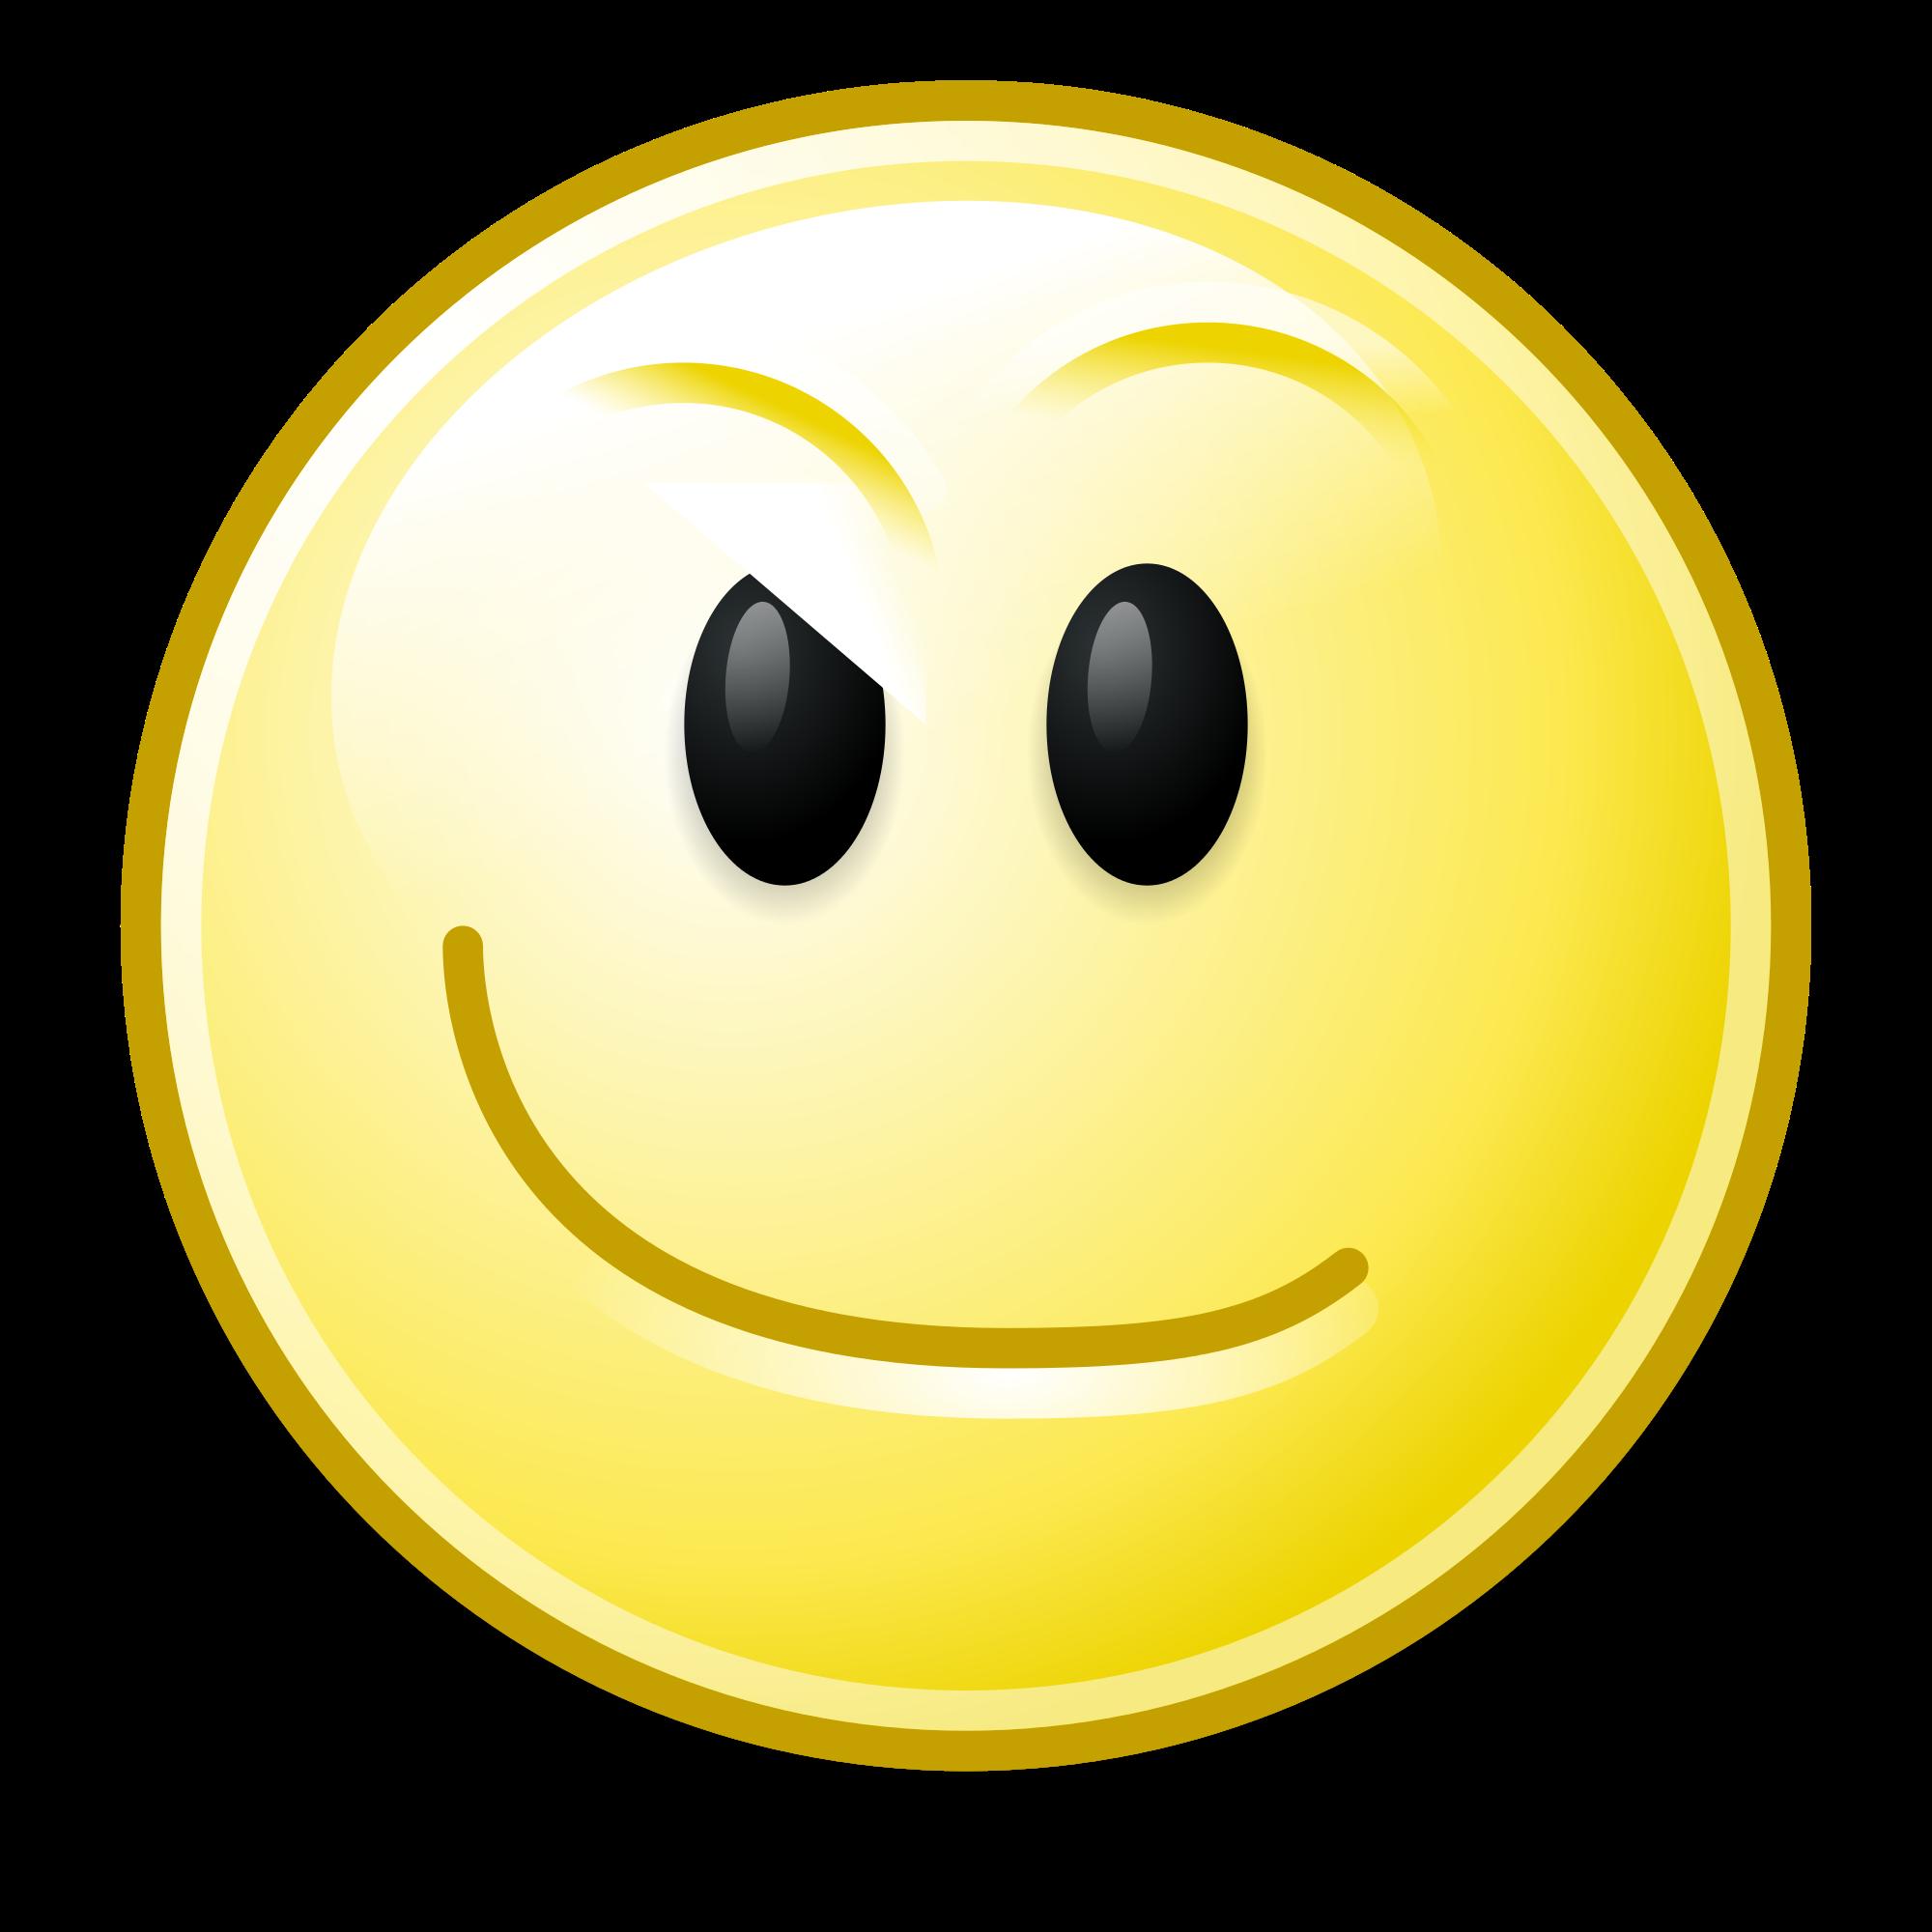 Smirk smiley